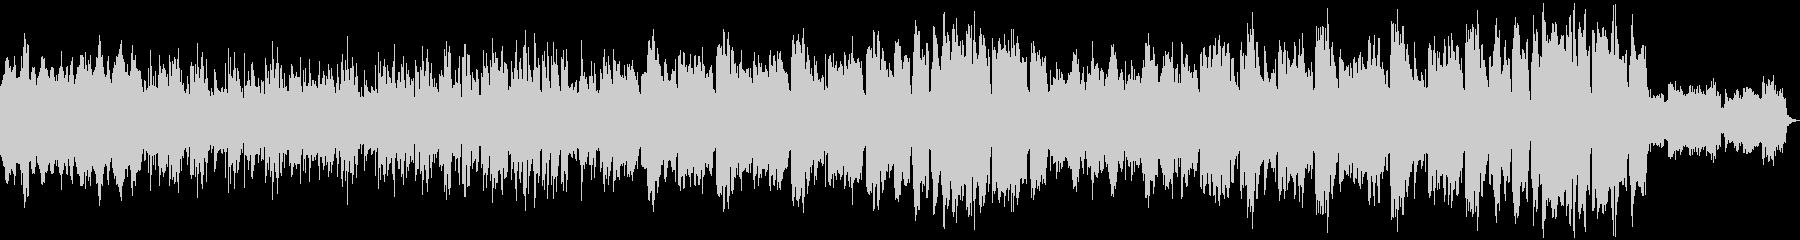 弾むリズムで前向き感のあるジャズ風POPの未再生の波形